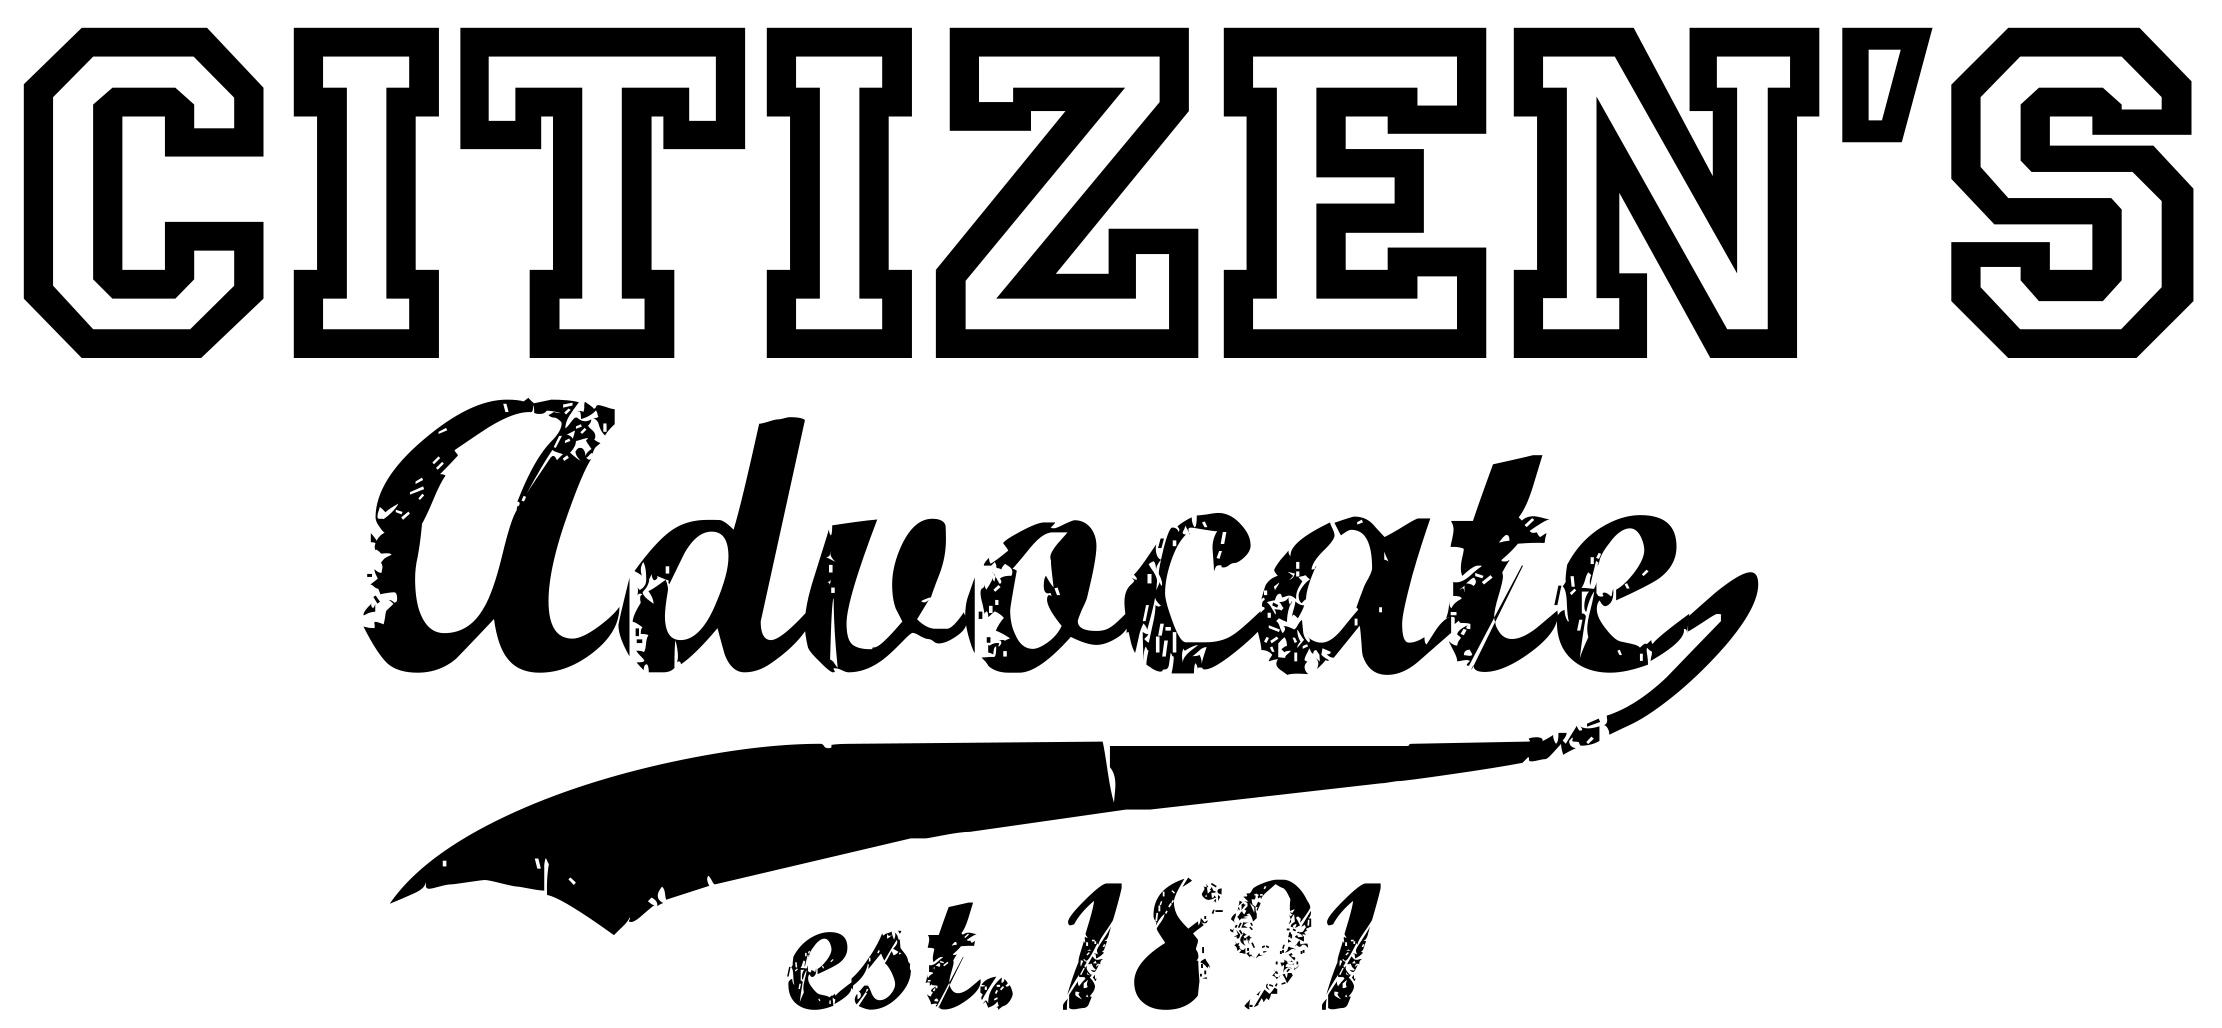 Citizens Advocate